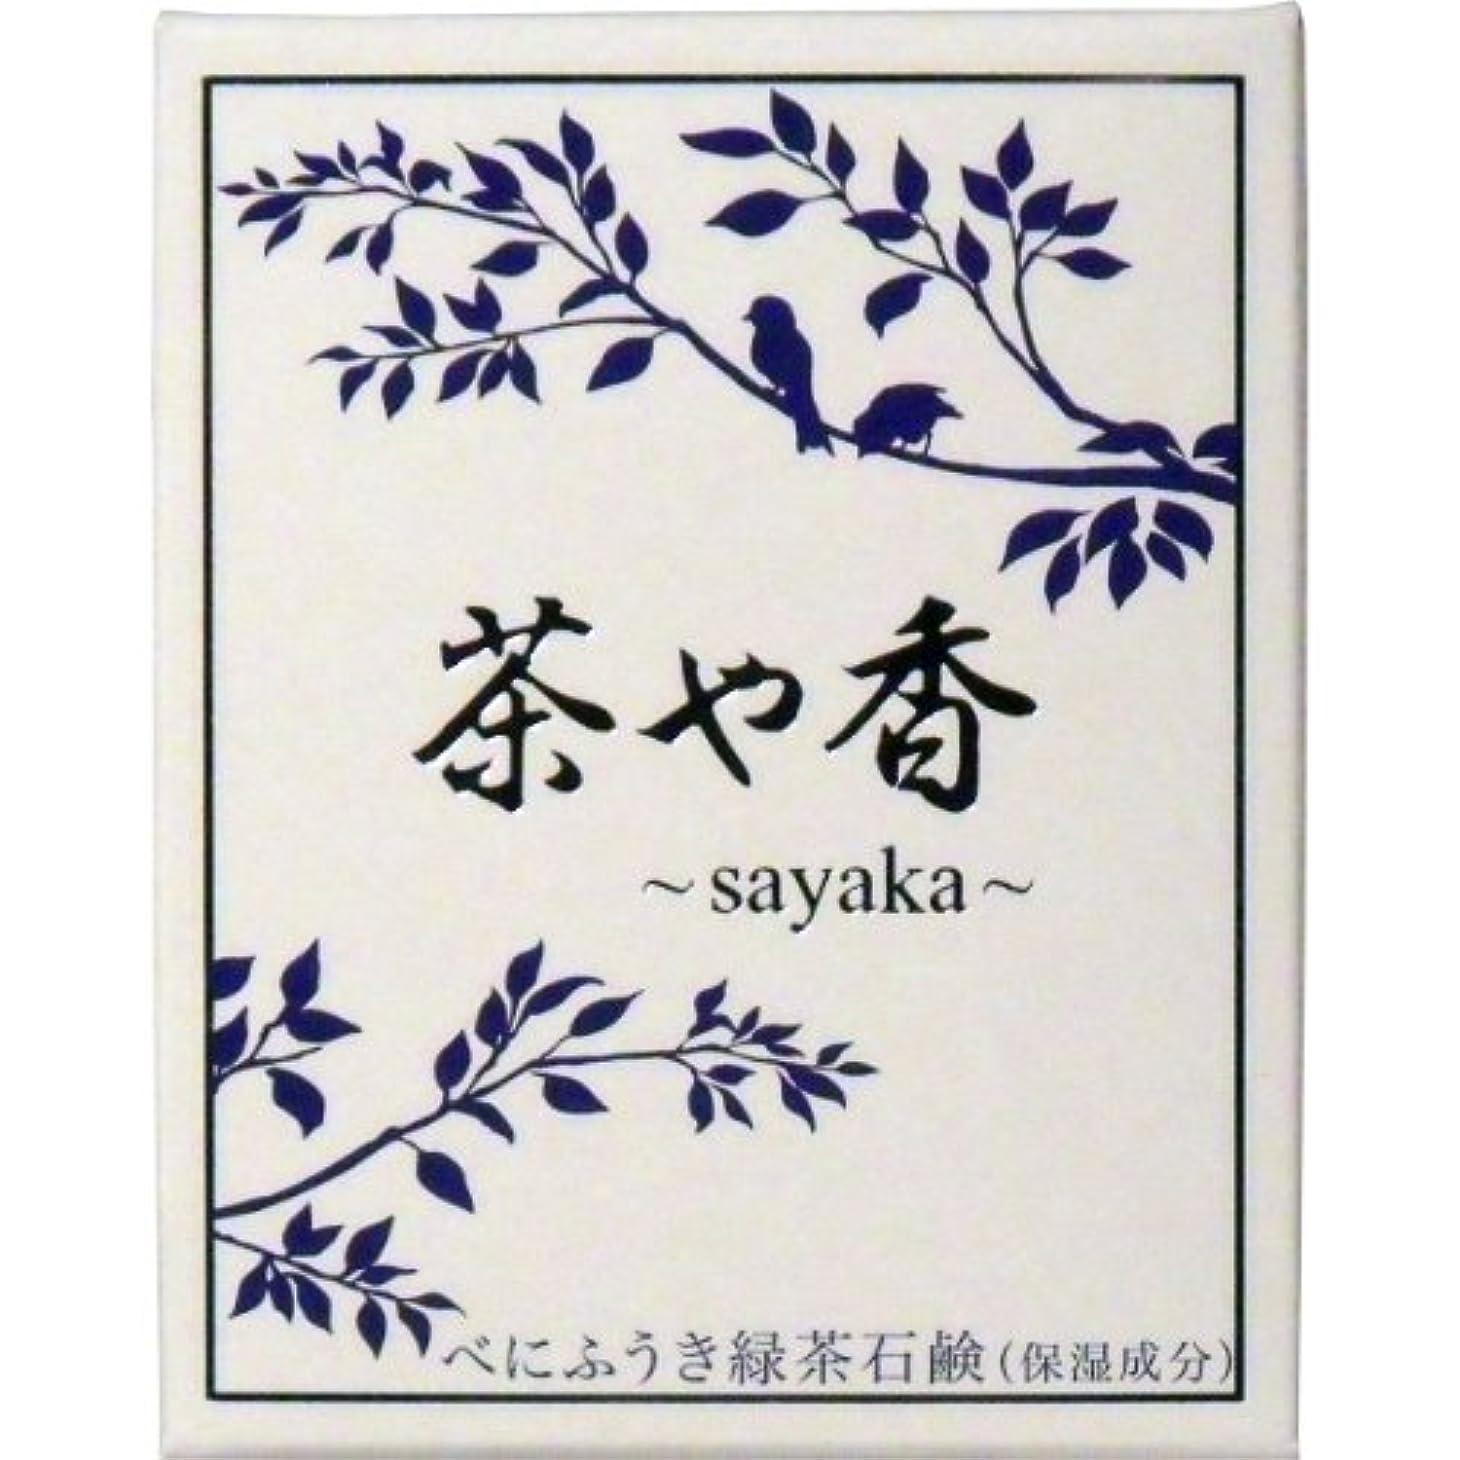 ペッカディロ勝つアスペクト茶や香 -sayaka- べにふうき緑茶石鹸 100g入